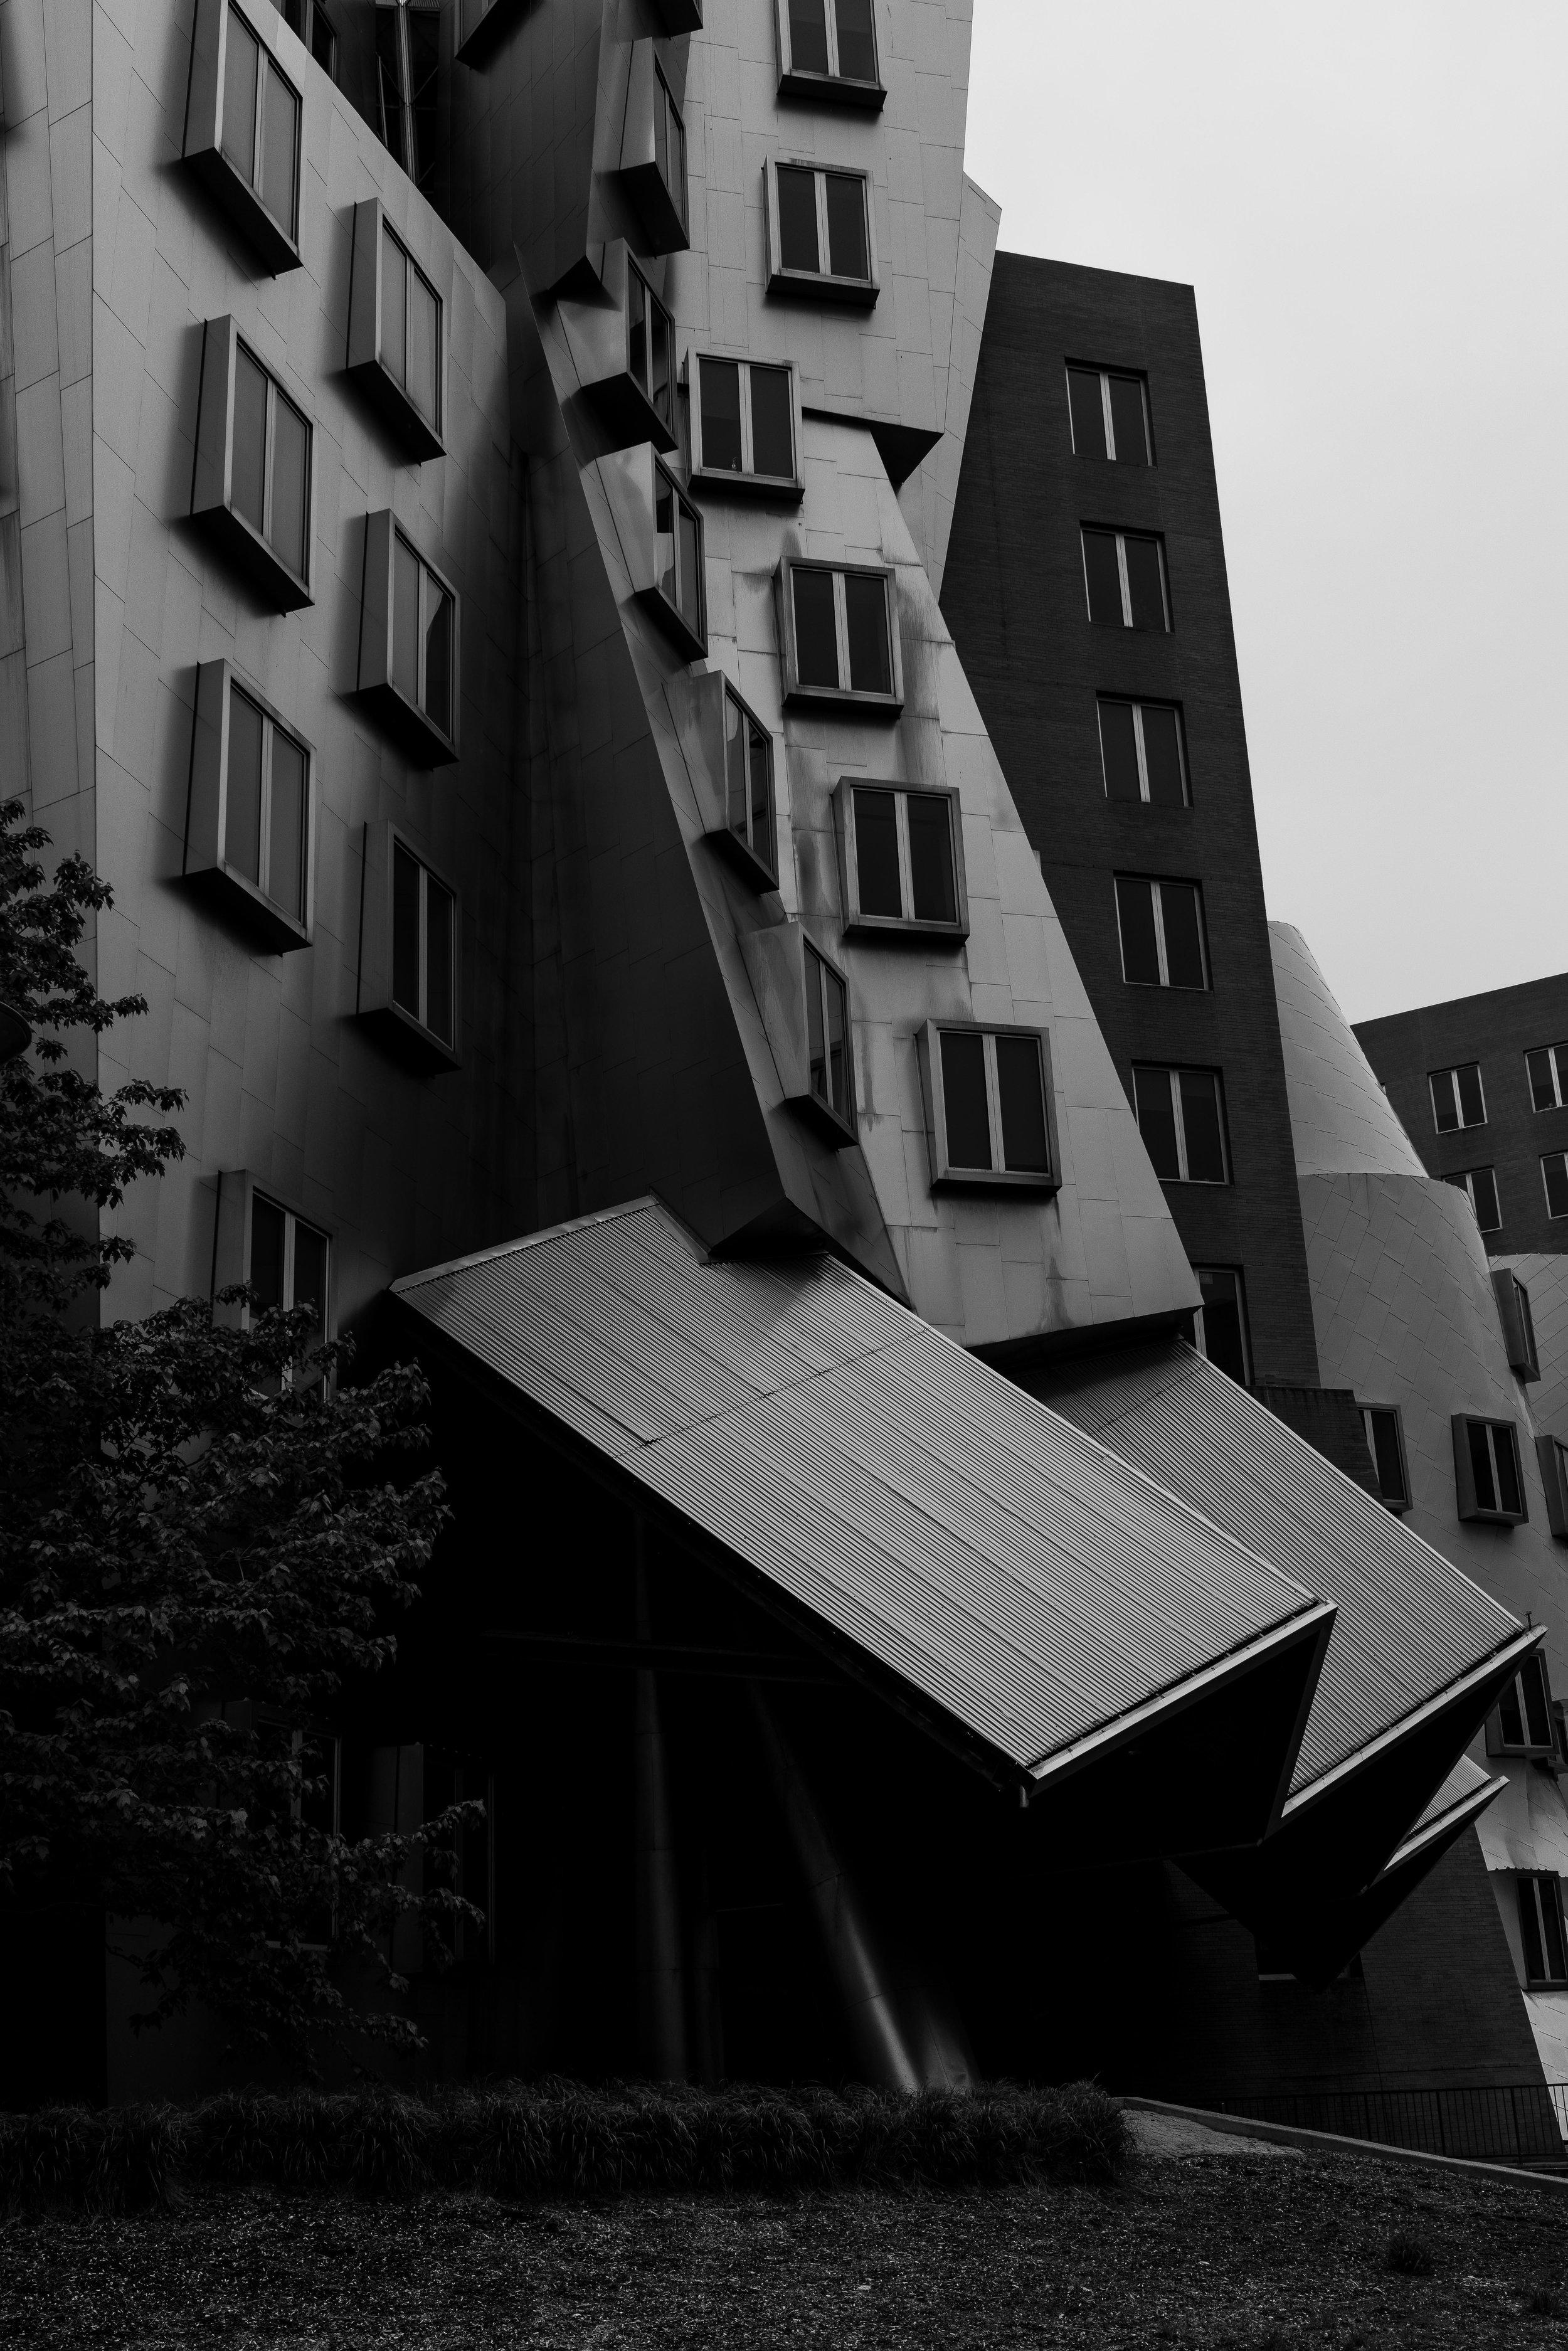 MIT two.jpg